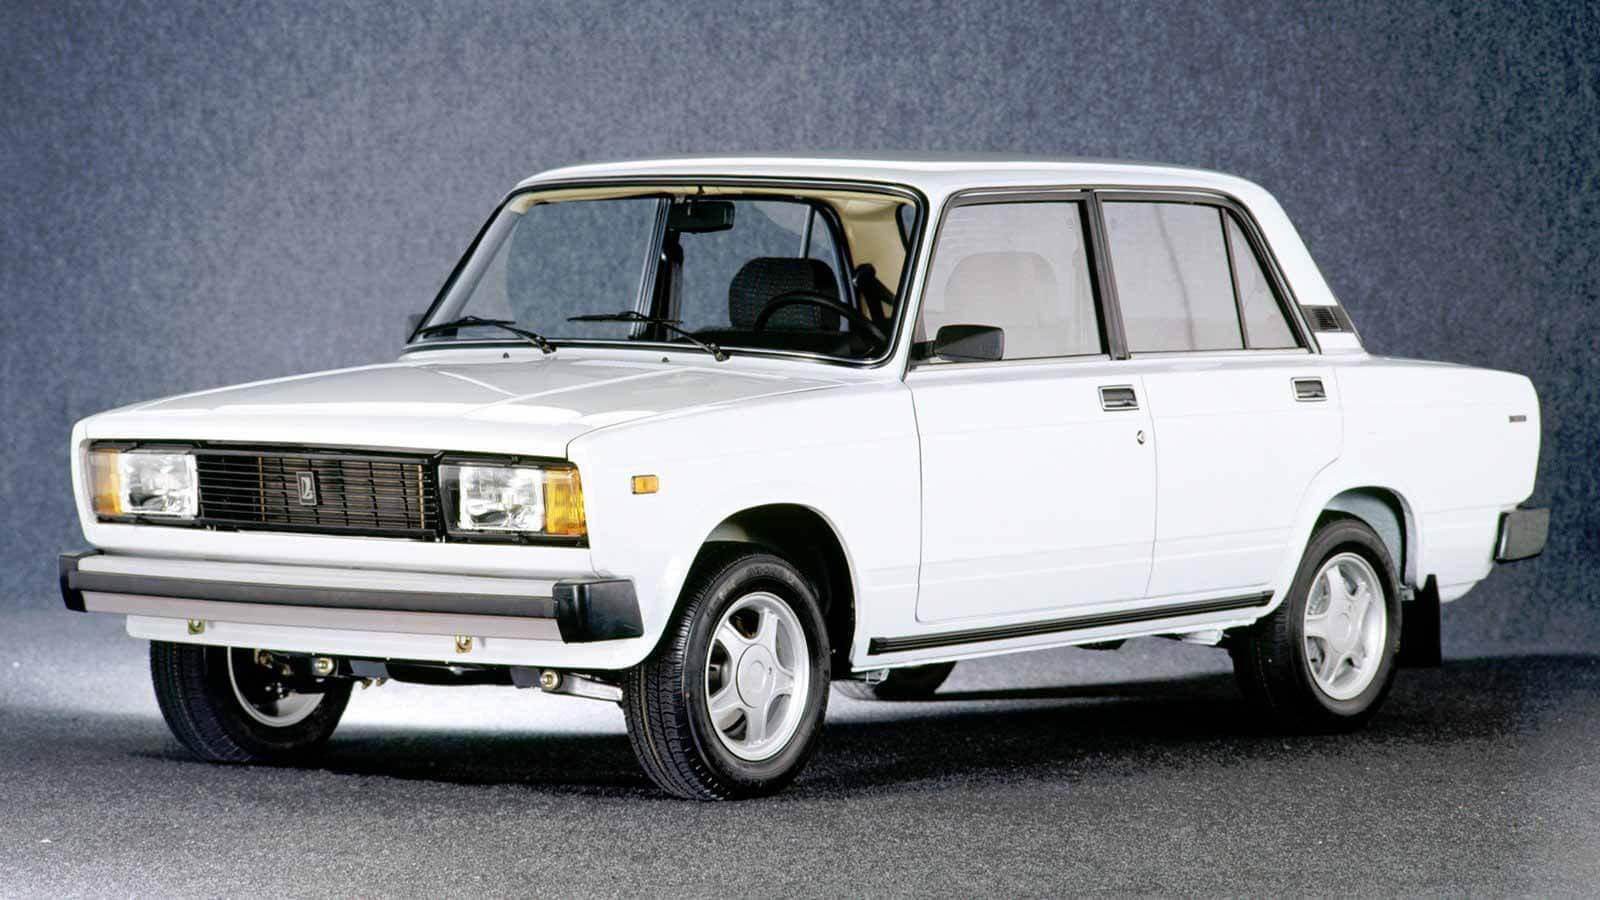 Крекинг «ведро» или достойный автомобиль?  Почему россияне до сих пор покупают ВАЗ-2105